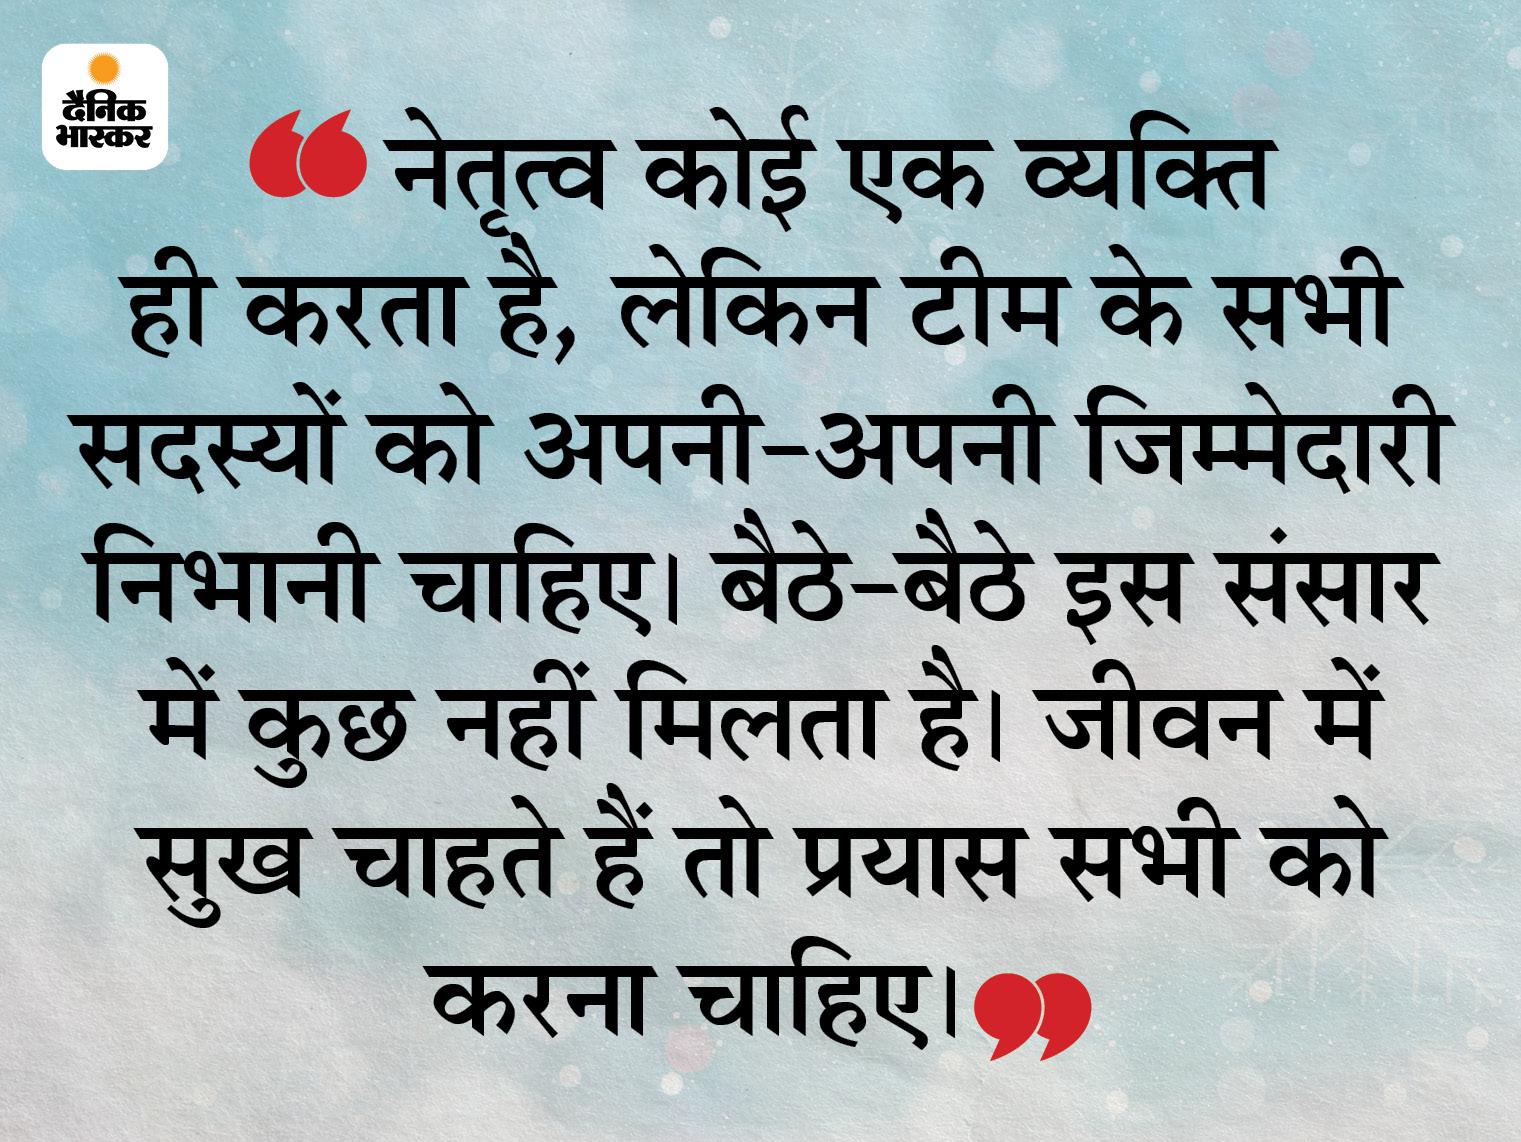 जब हम ईमानदारी से परिश्रम करते हैं तो भगवान भी हमारी मदद करते हैं|धर्म,Dharm - Dainik Bhaskar